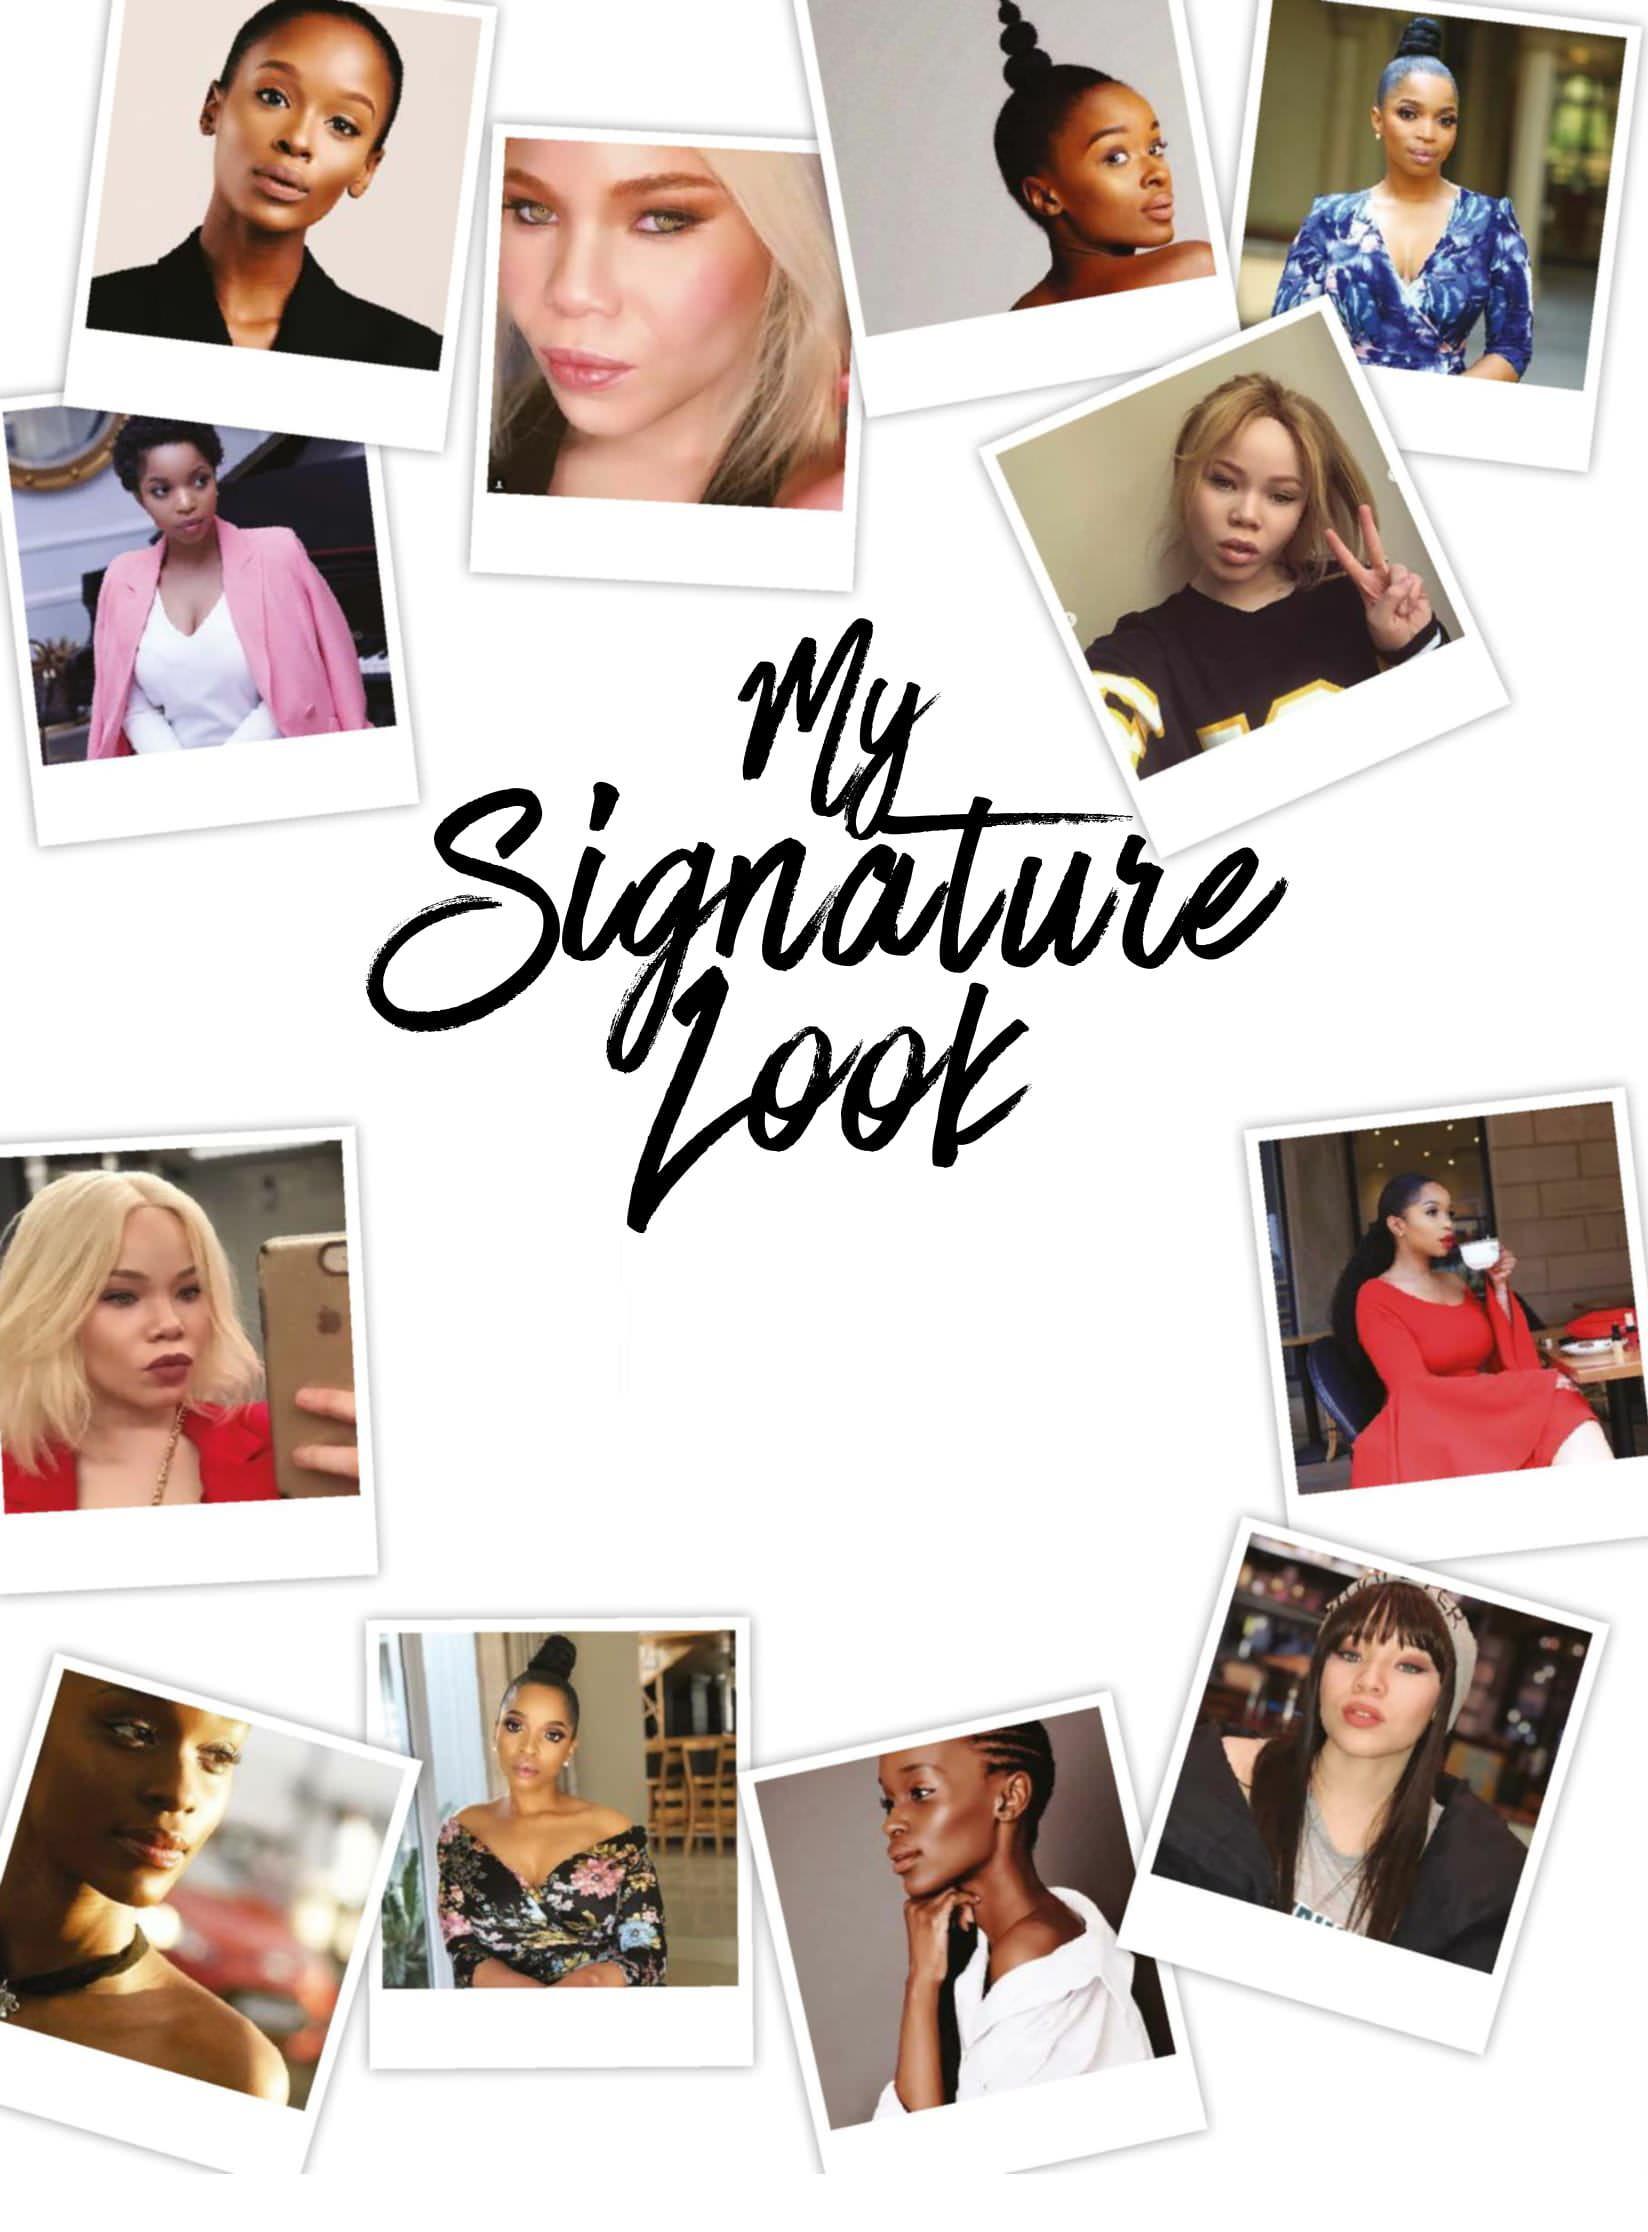 My Signature Look